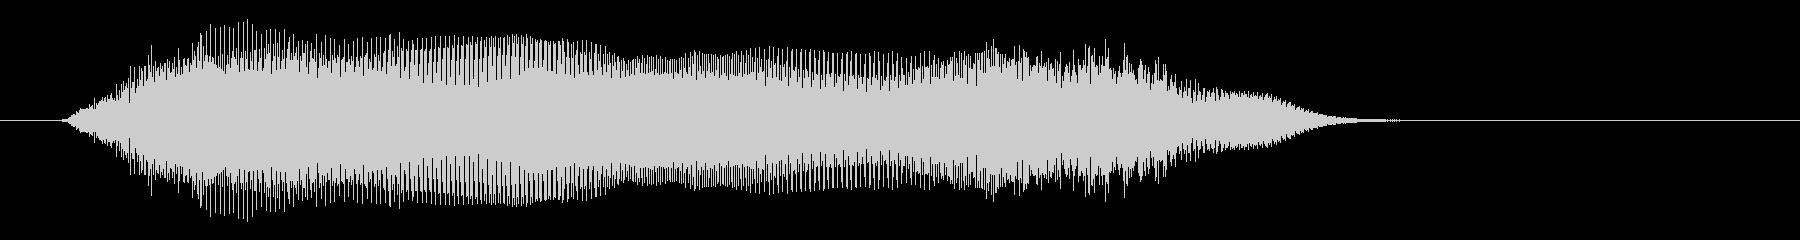 宇宙や近未来感の音(ワープ、マシーン)の未再生の波形